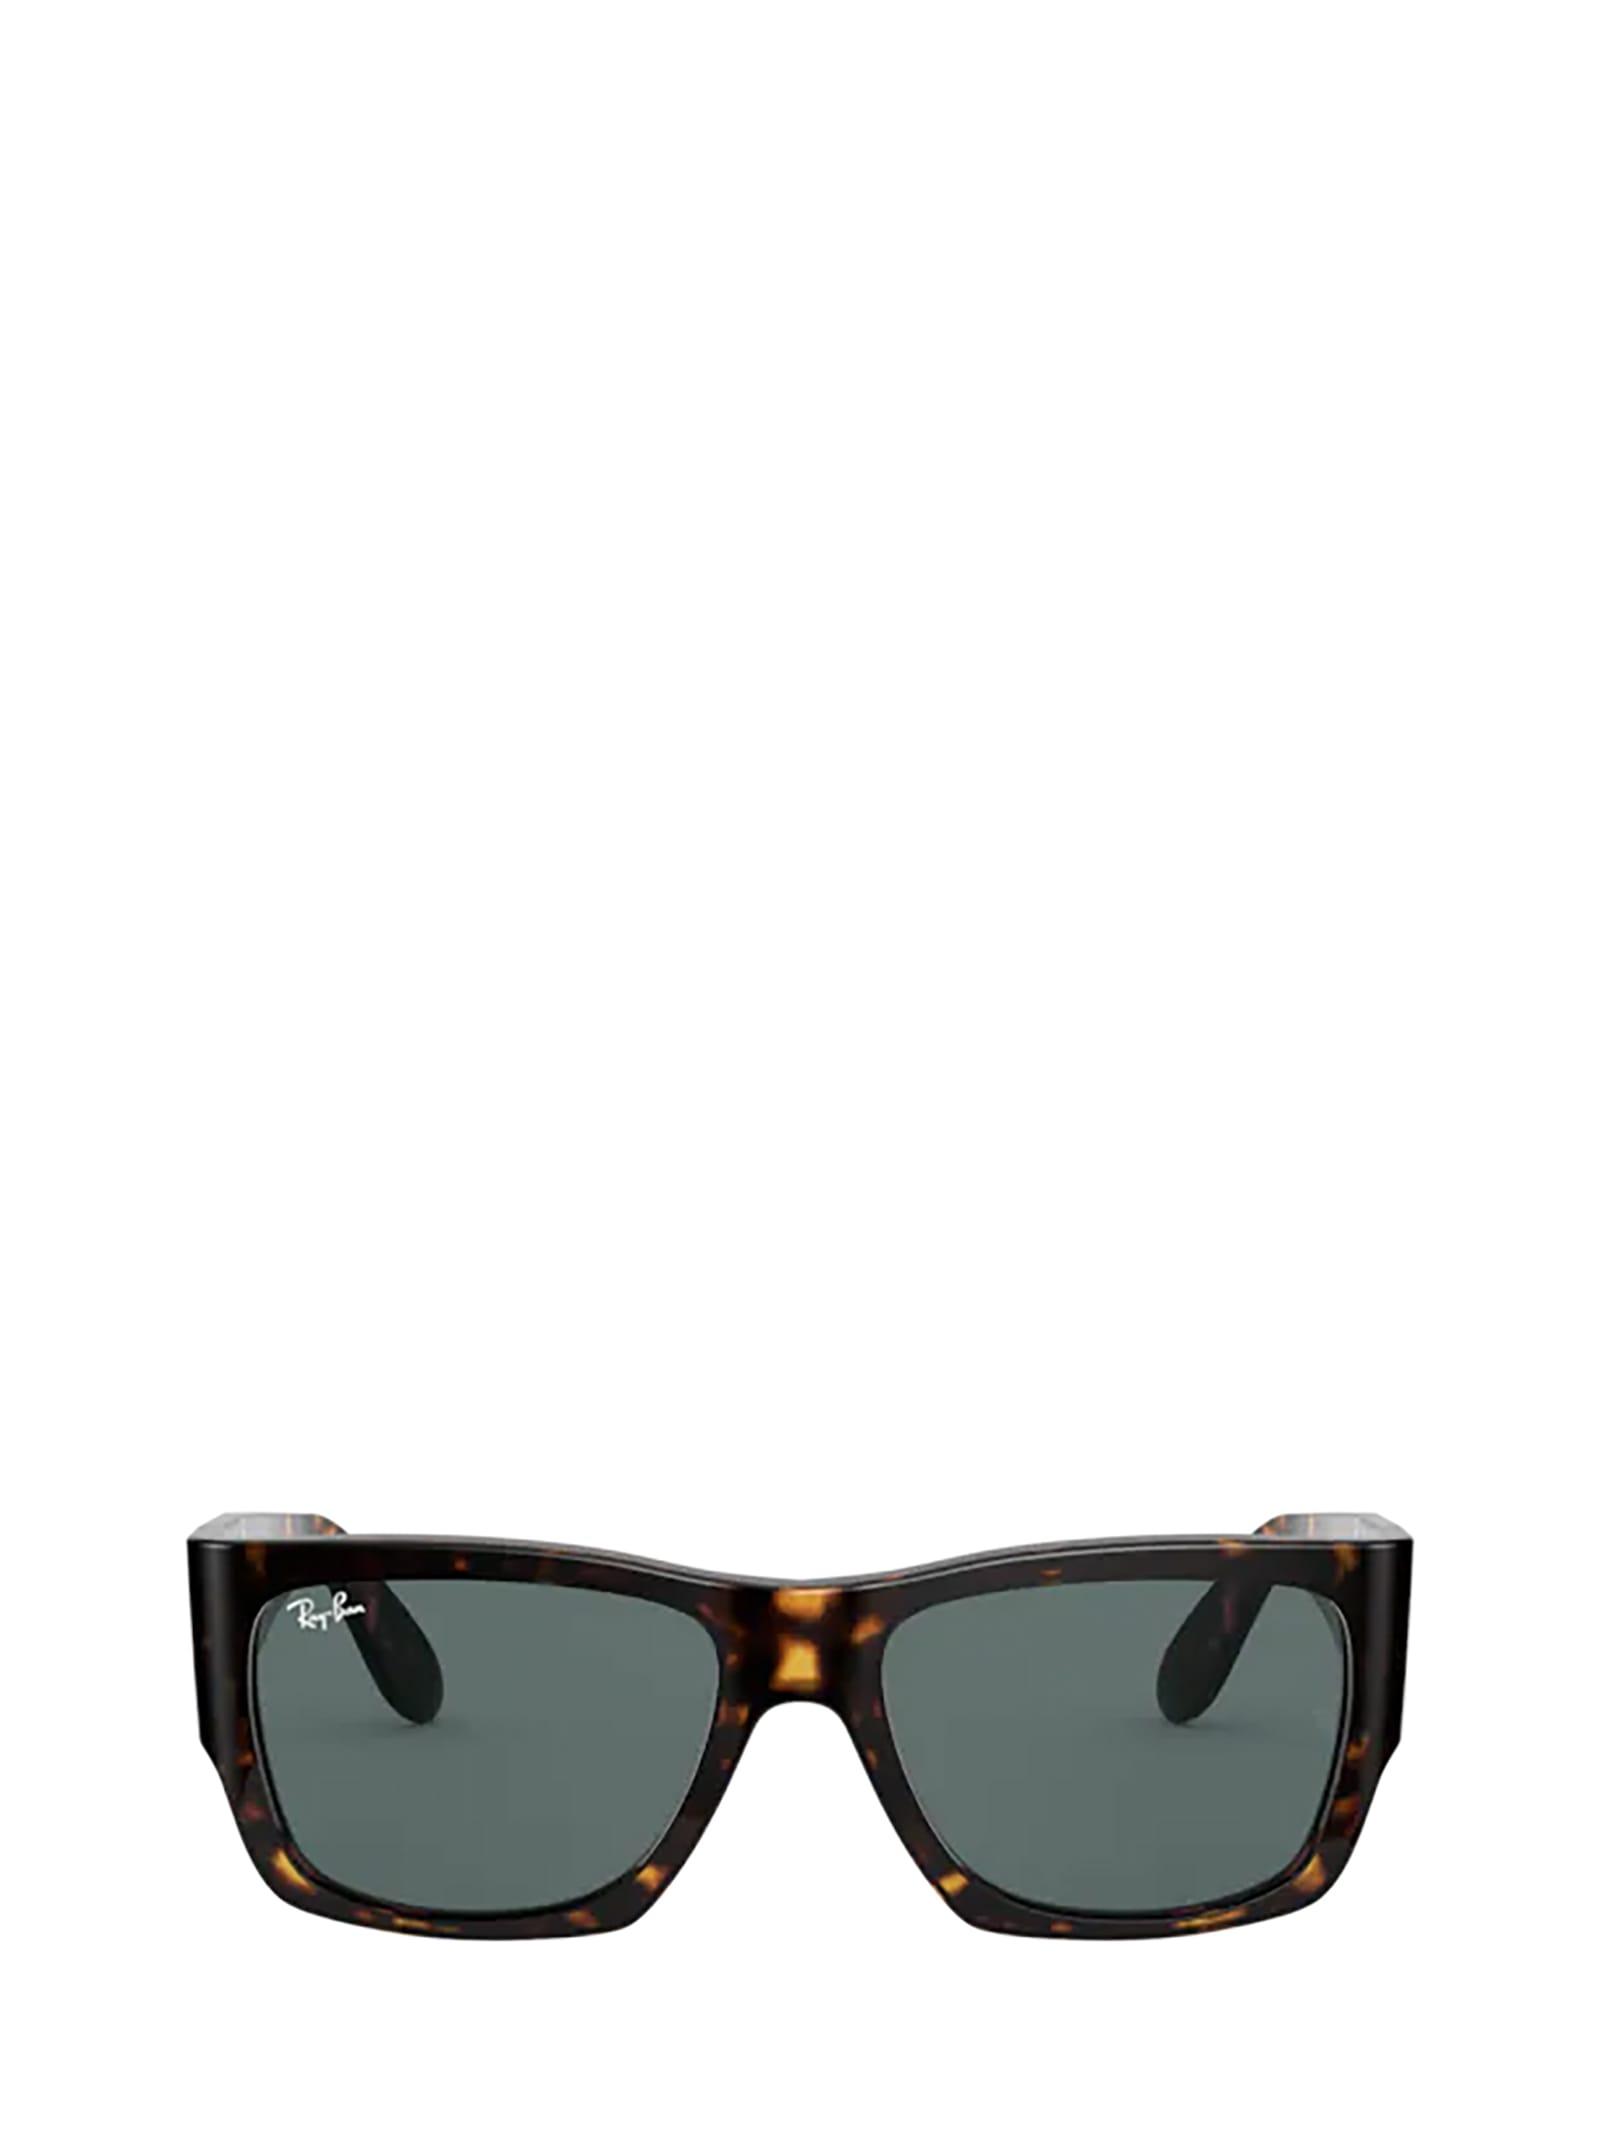 Ray-Ban Ray-ban Rb2187 Shiny Havana Sunglasses